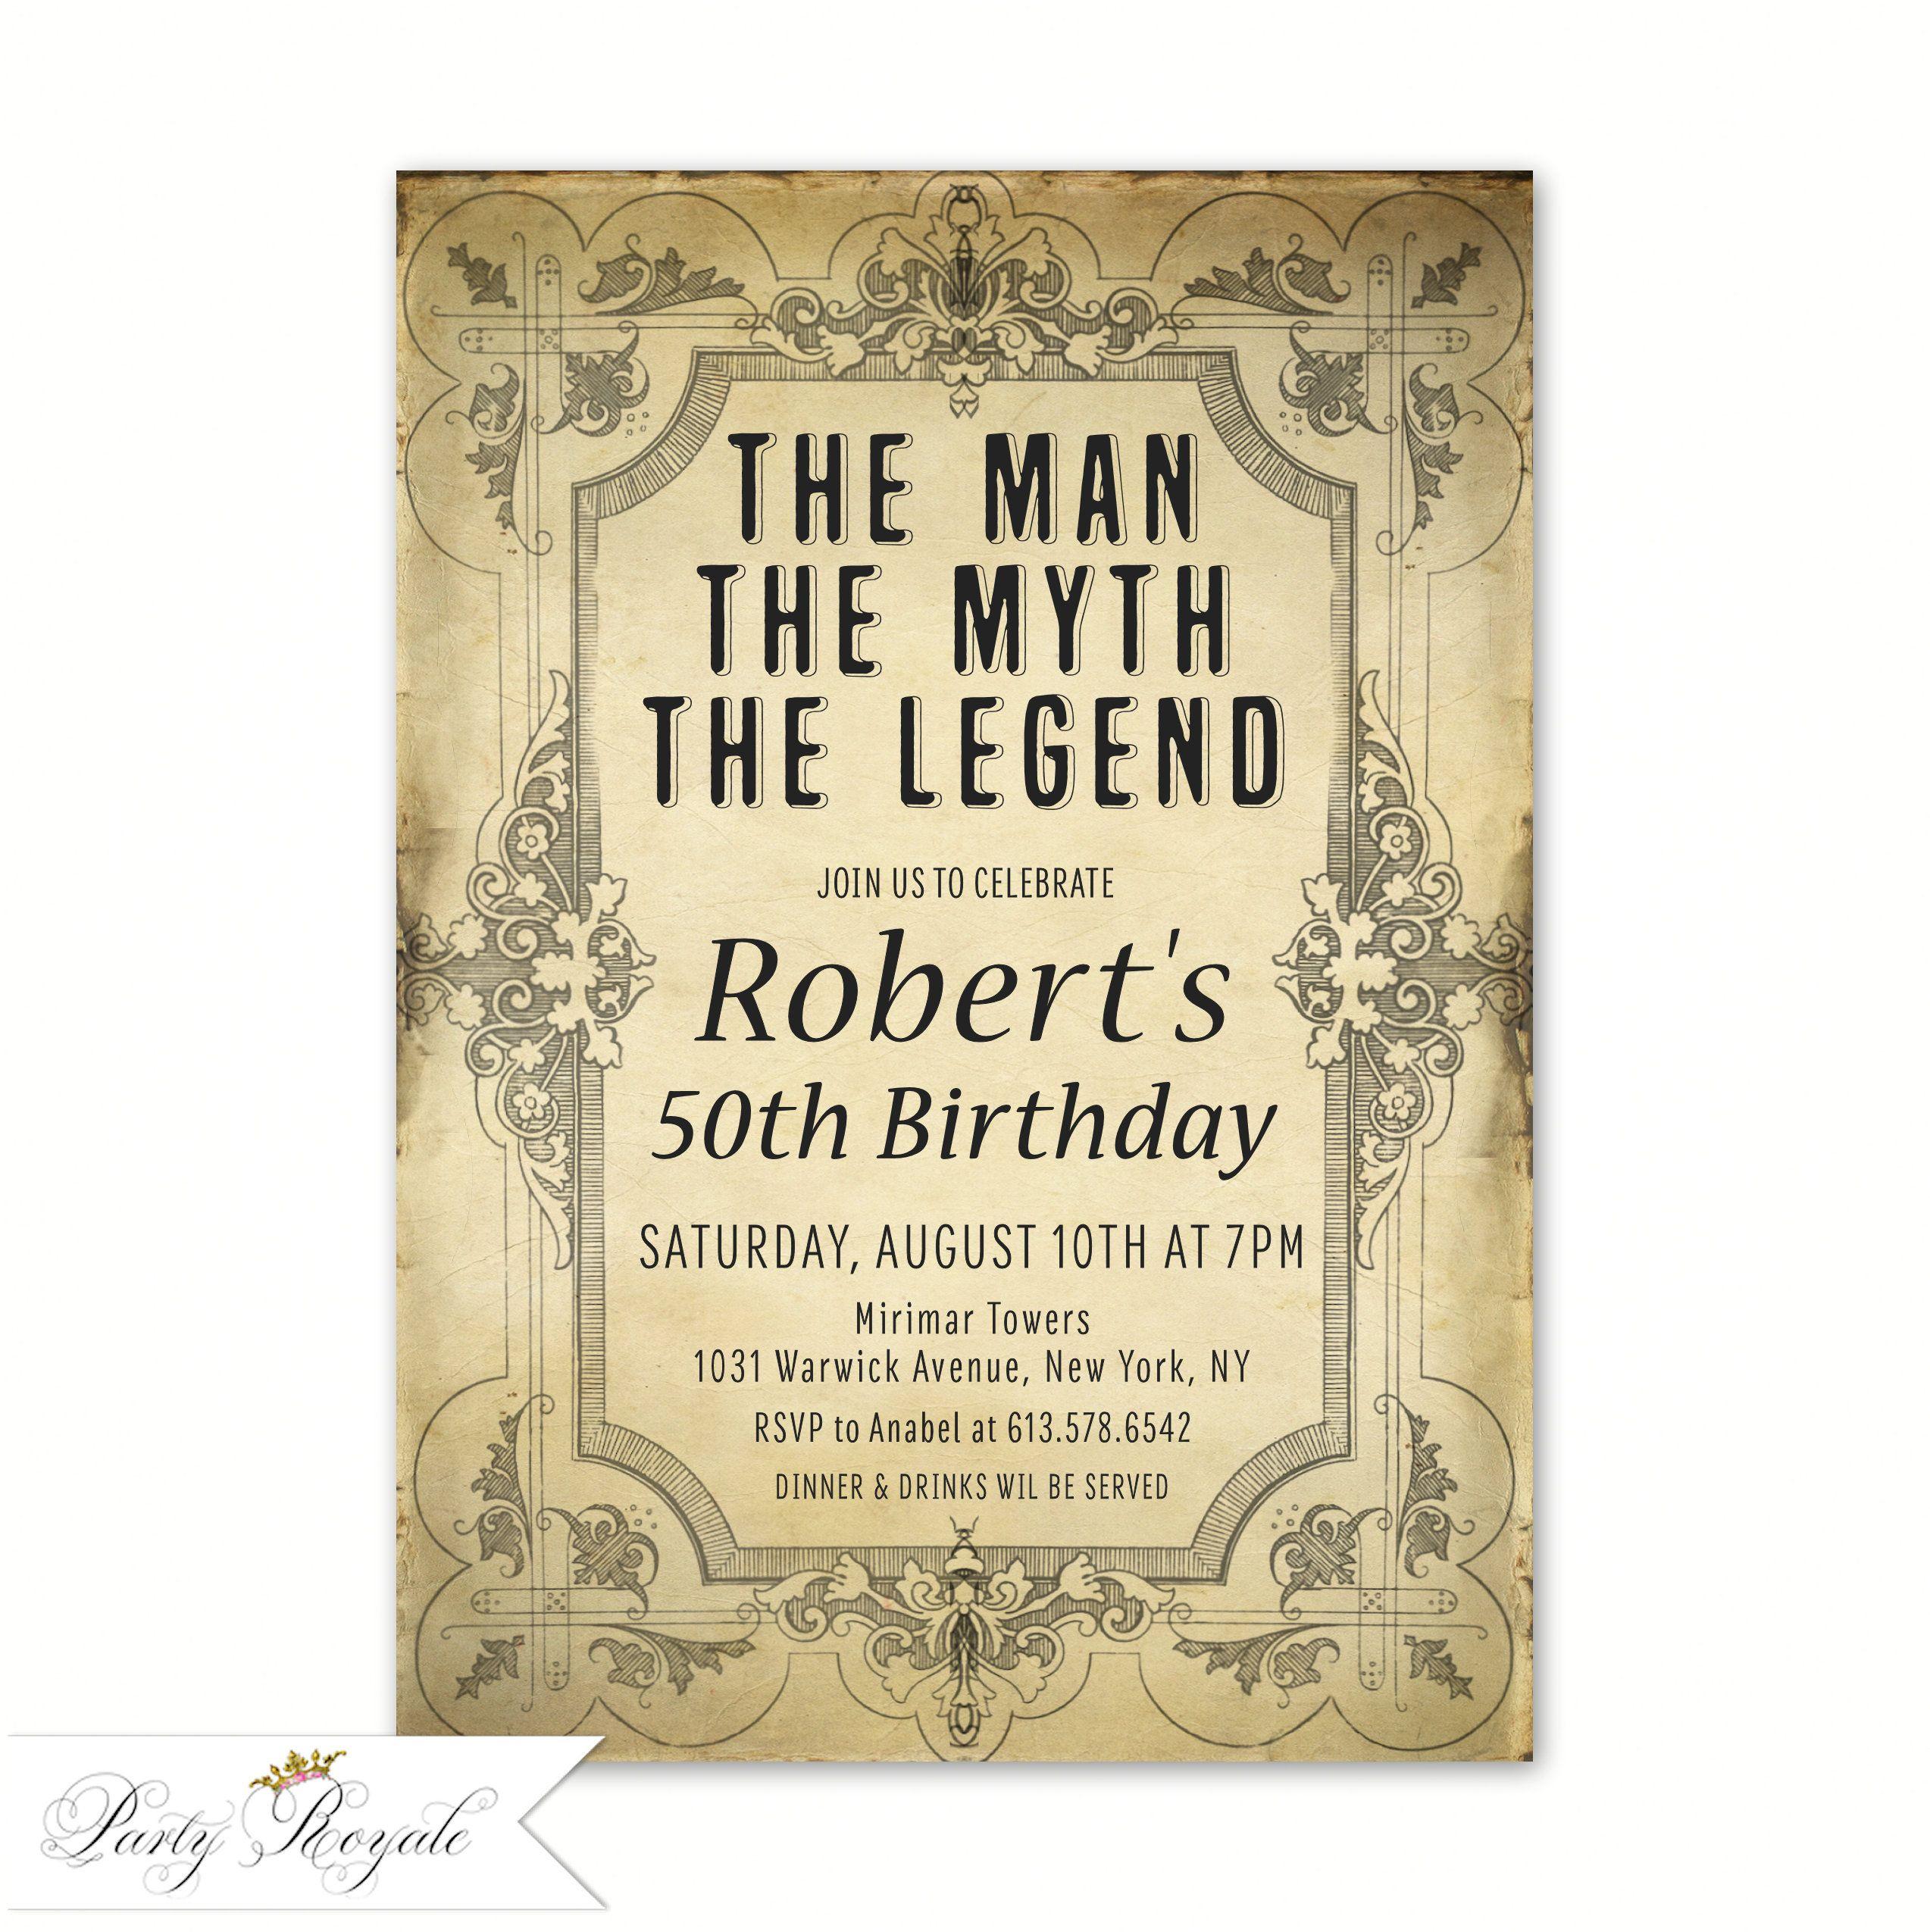 The Man The Myth The Legend Invitation Men S Birthday Etsy Vintage Birthday Invitations 60th Birthday Invitations 70th Birthday Invitations